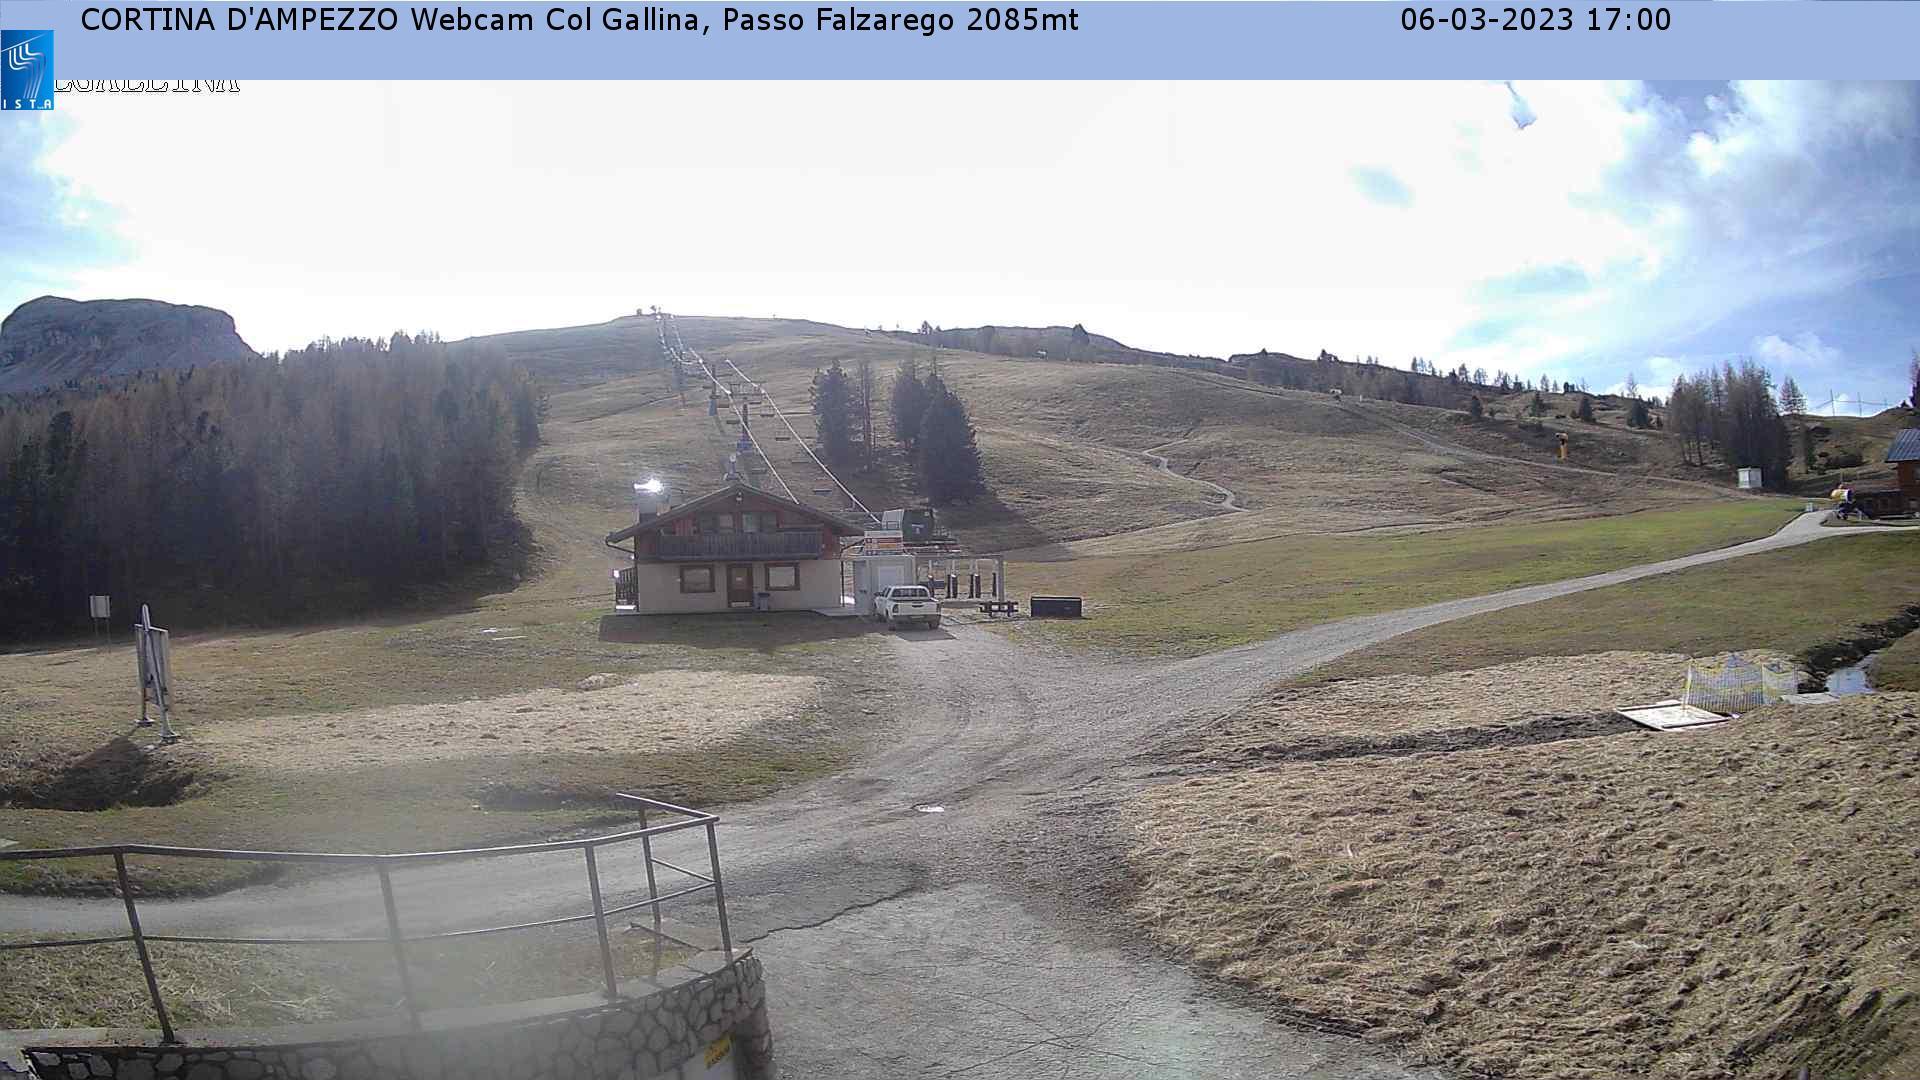 Live Cortina d'Ampezzo webcam - Col Gallina